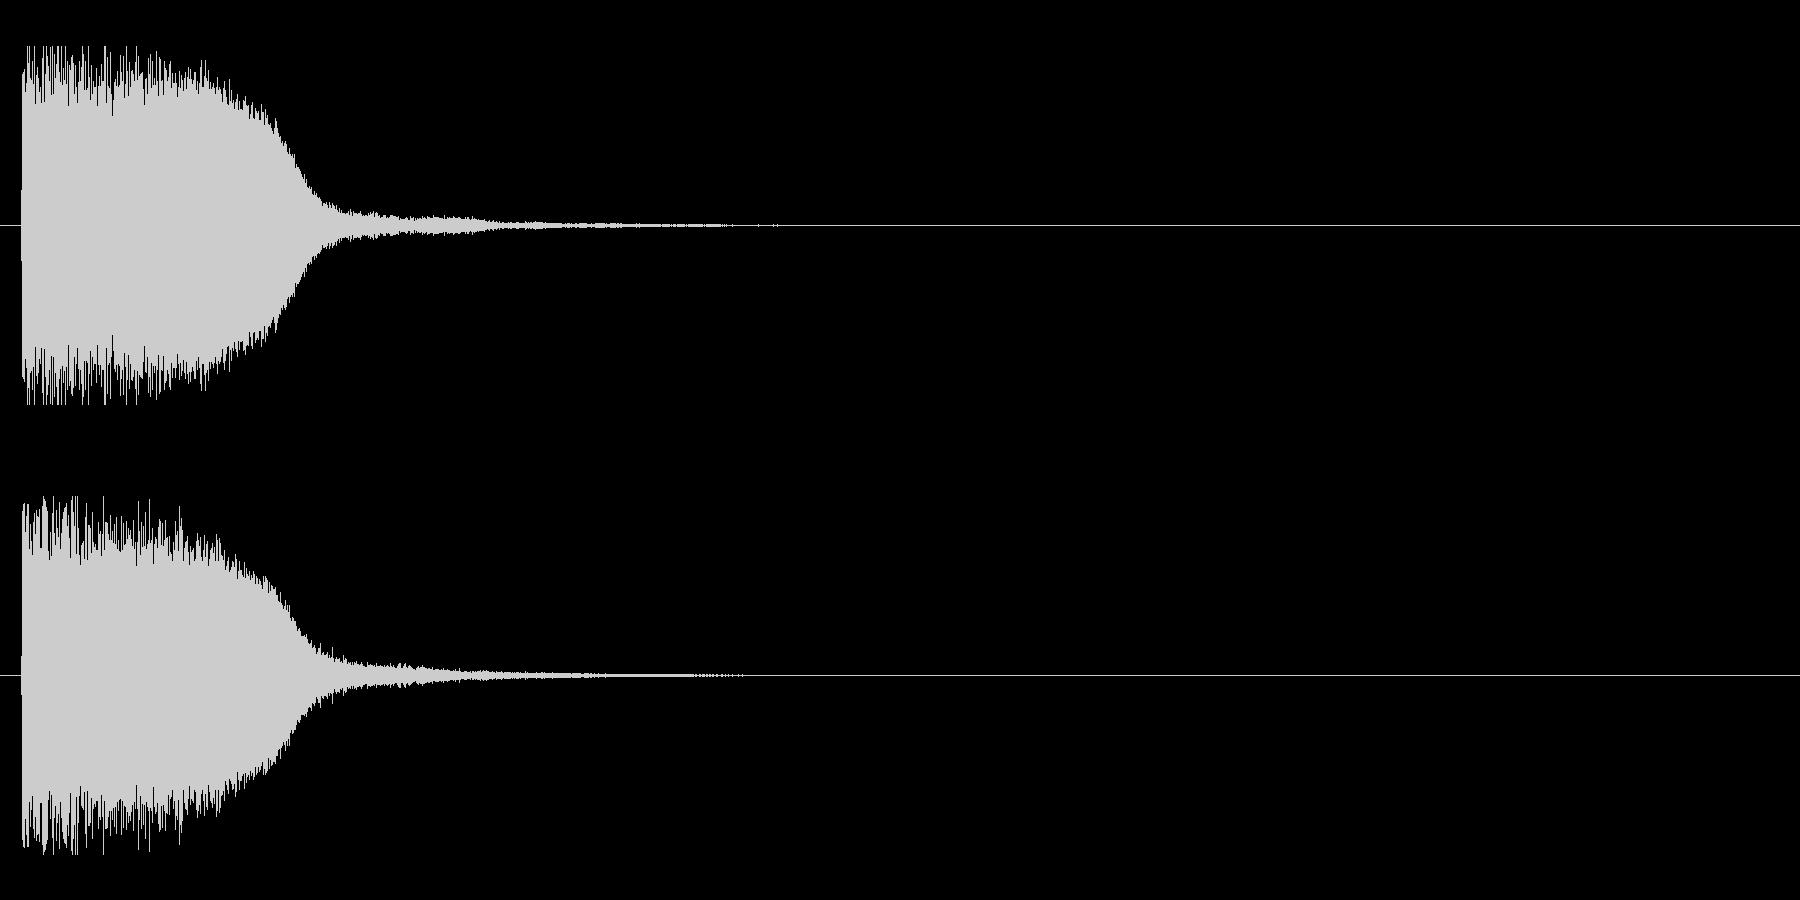 レーザー音-85-1の未再生の波形